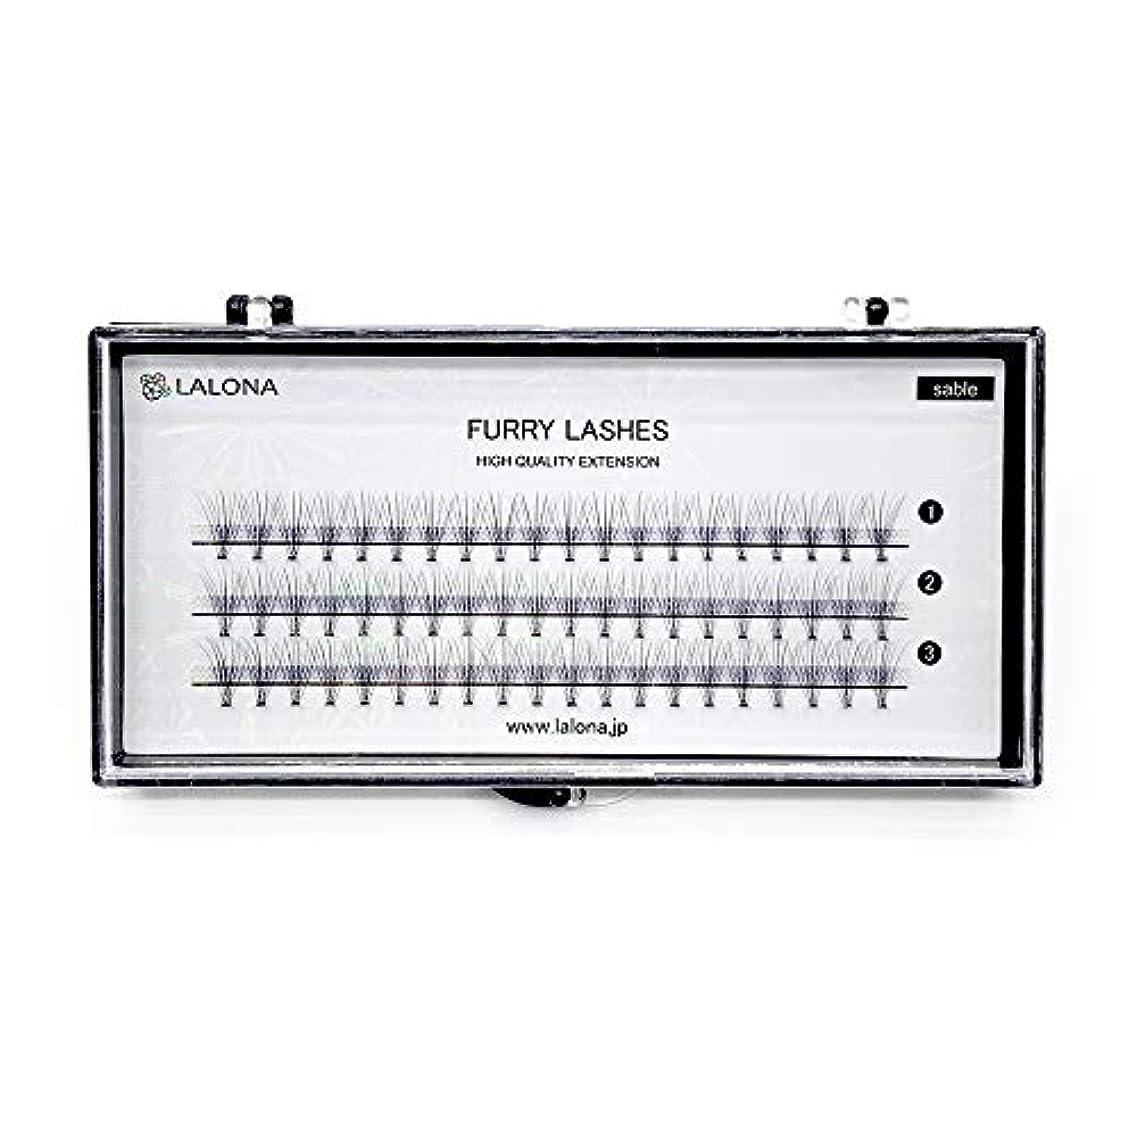 データム率直なジャンプLALONA [ ラローナ ] ファーリーラッシュ (10D) (60pcs) まつげエクステ 10本束 フレアラッシュ まつエク マツエク 束まつげ セーブル (0.07 / 10mm)